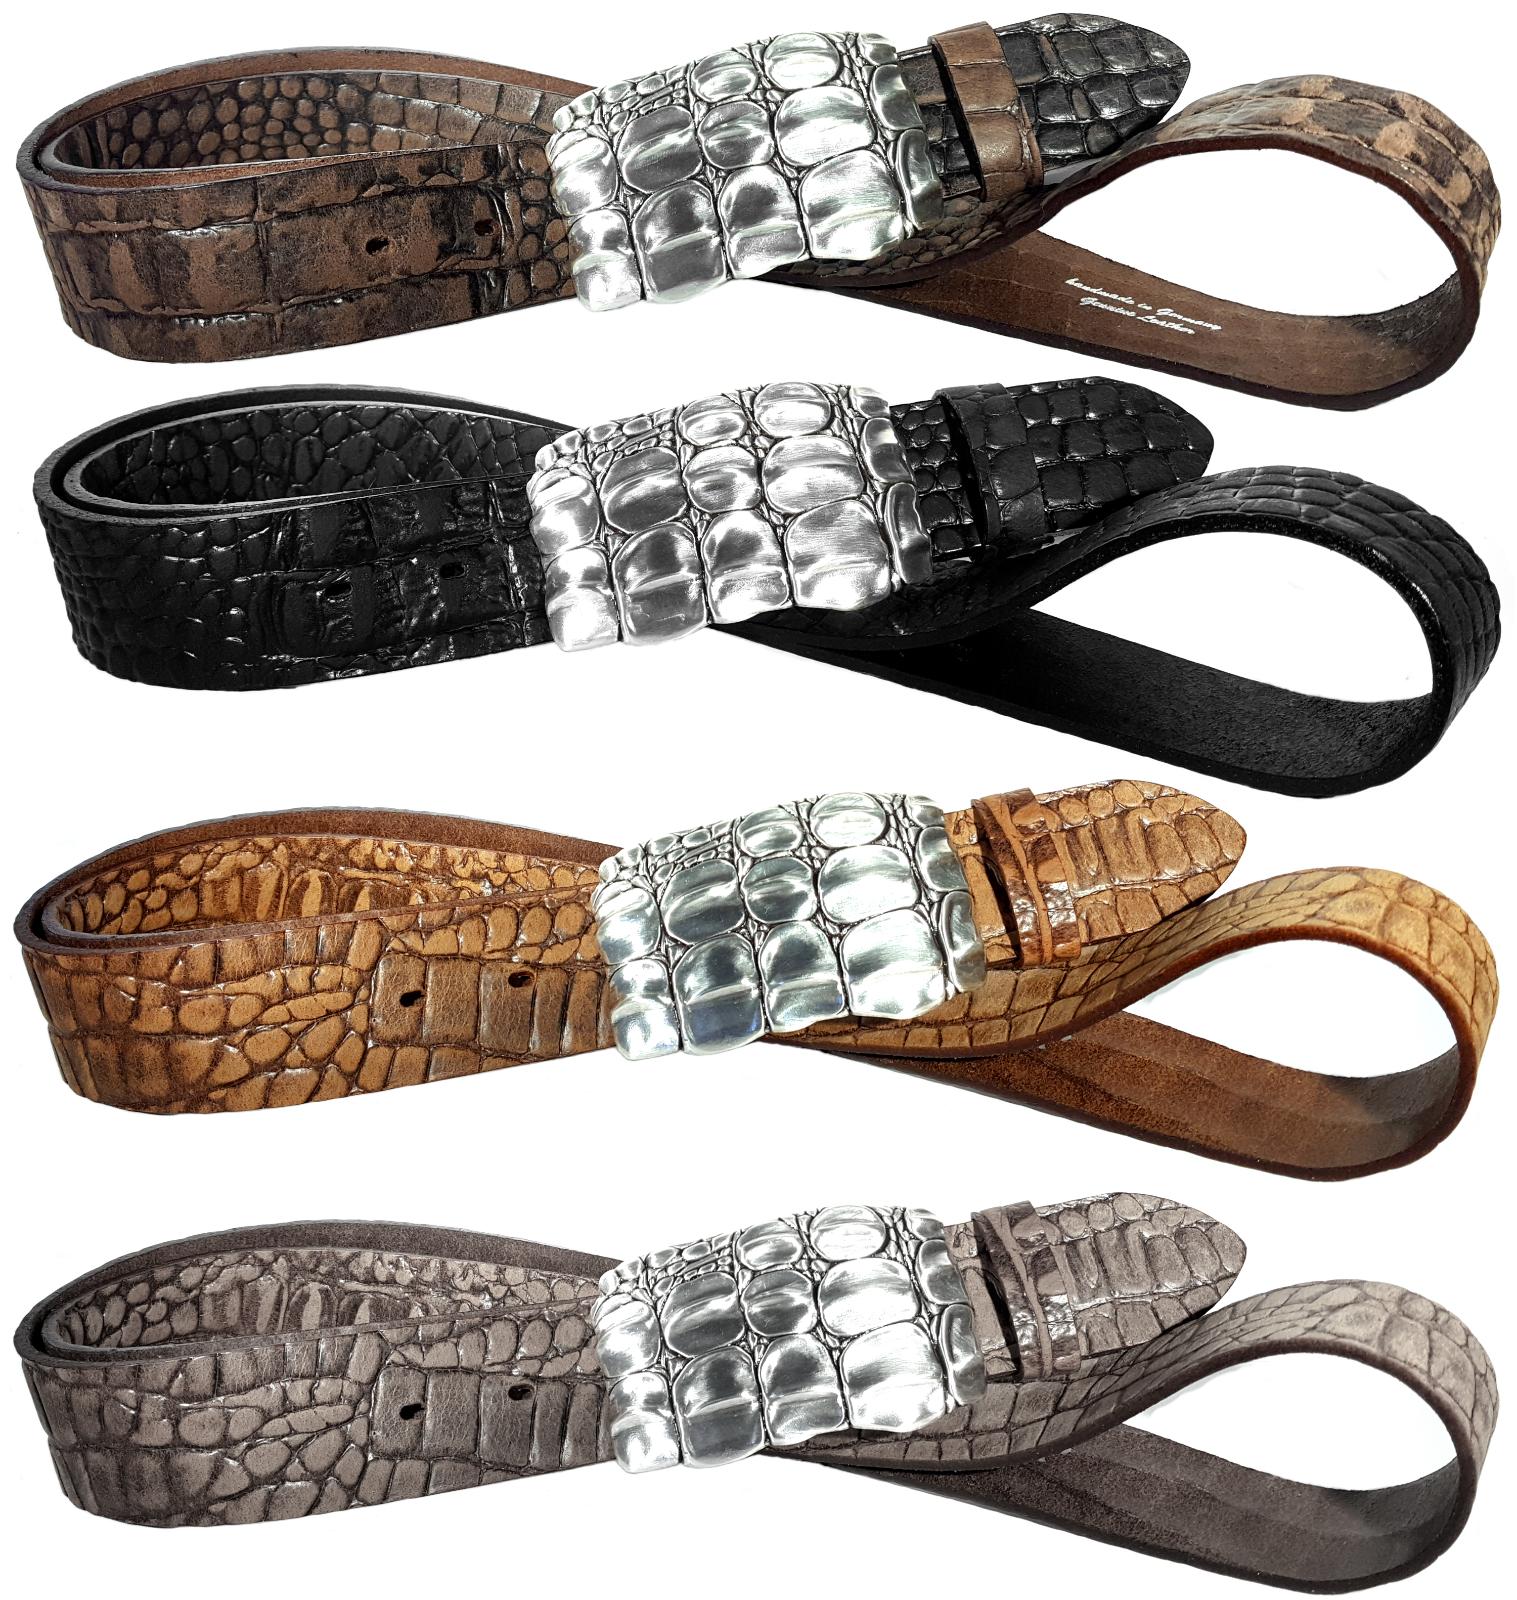 Ledergürtel + Buckle Kroko Optik Reptilprägung Leder Gürtel braun schwarz 4 cm